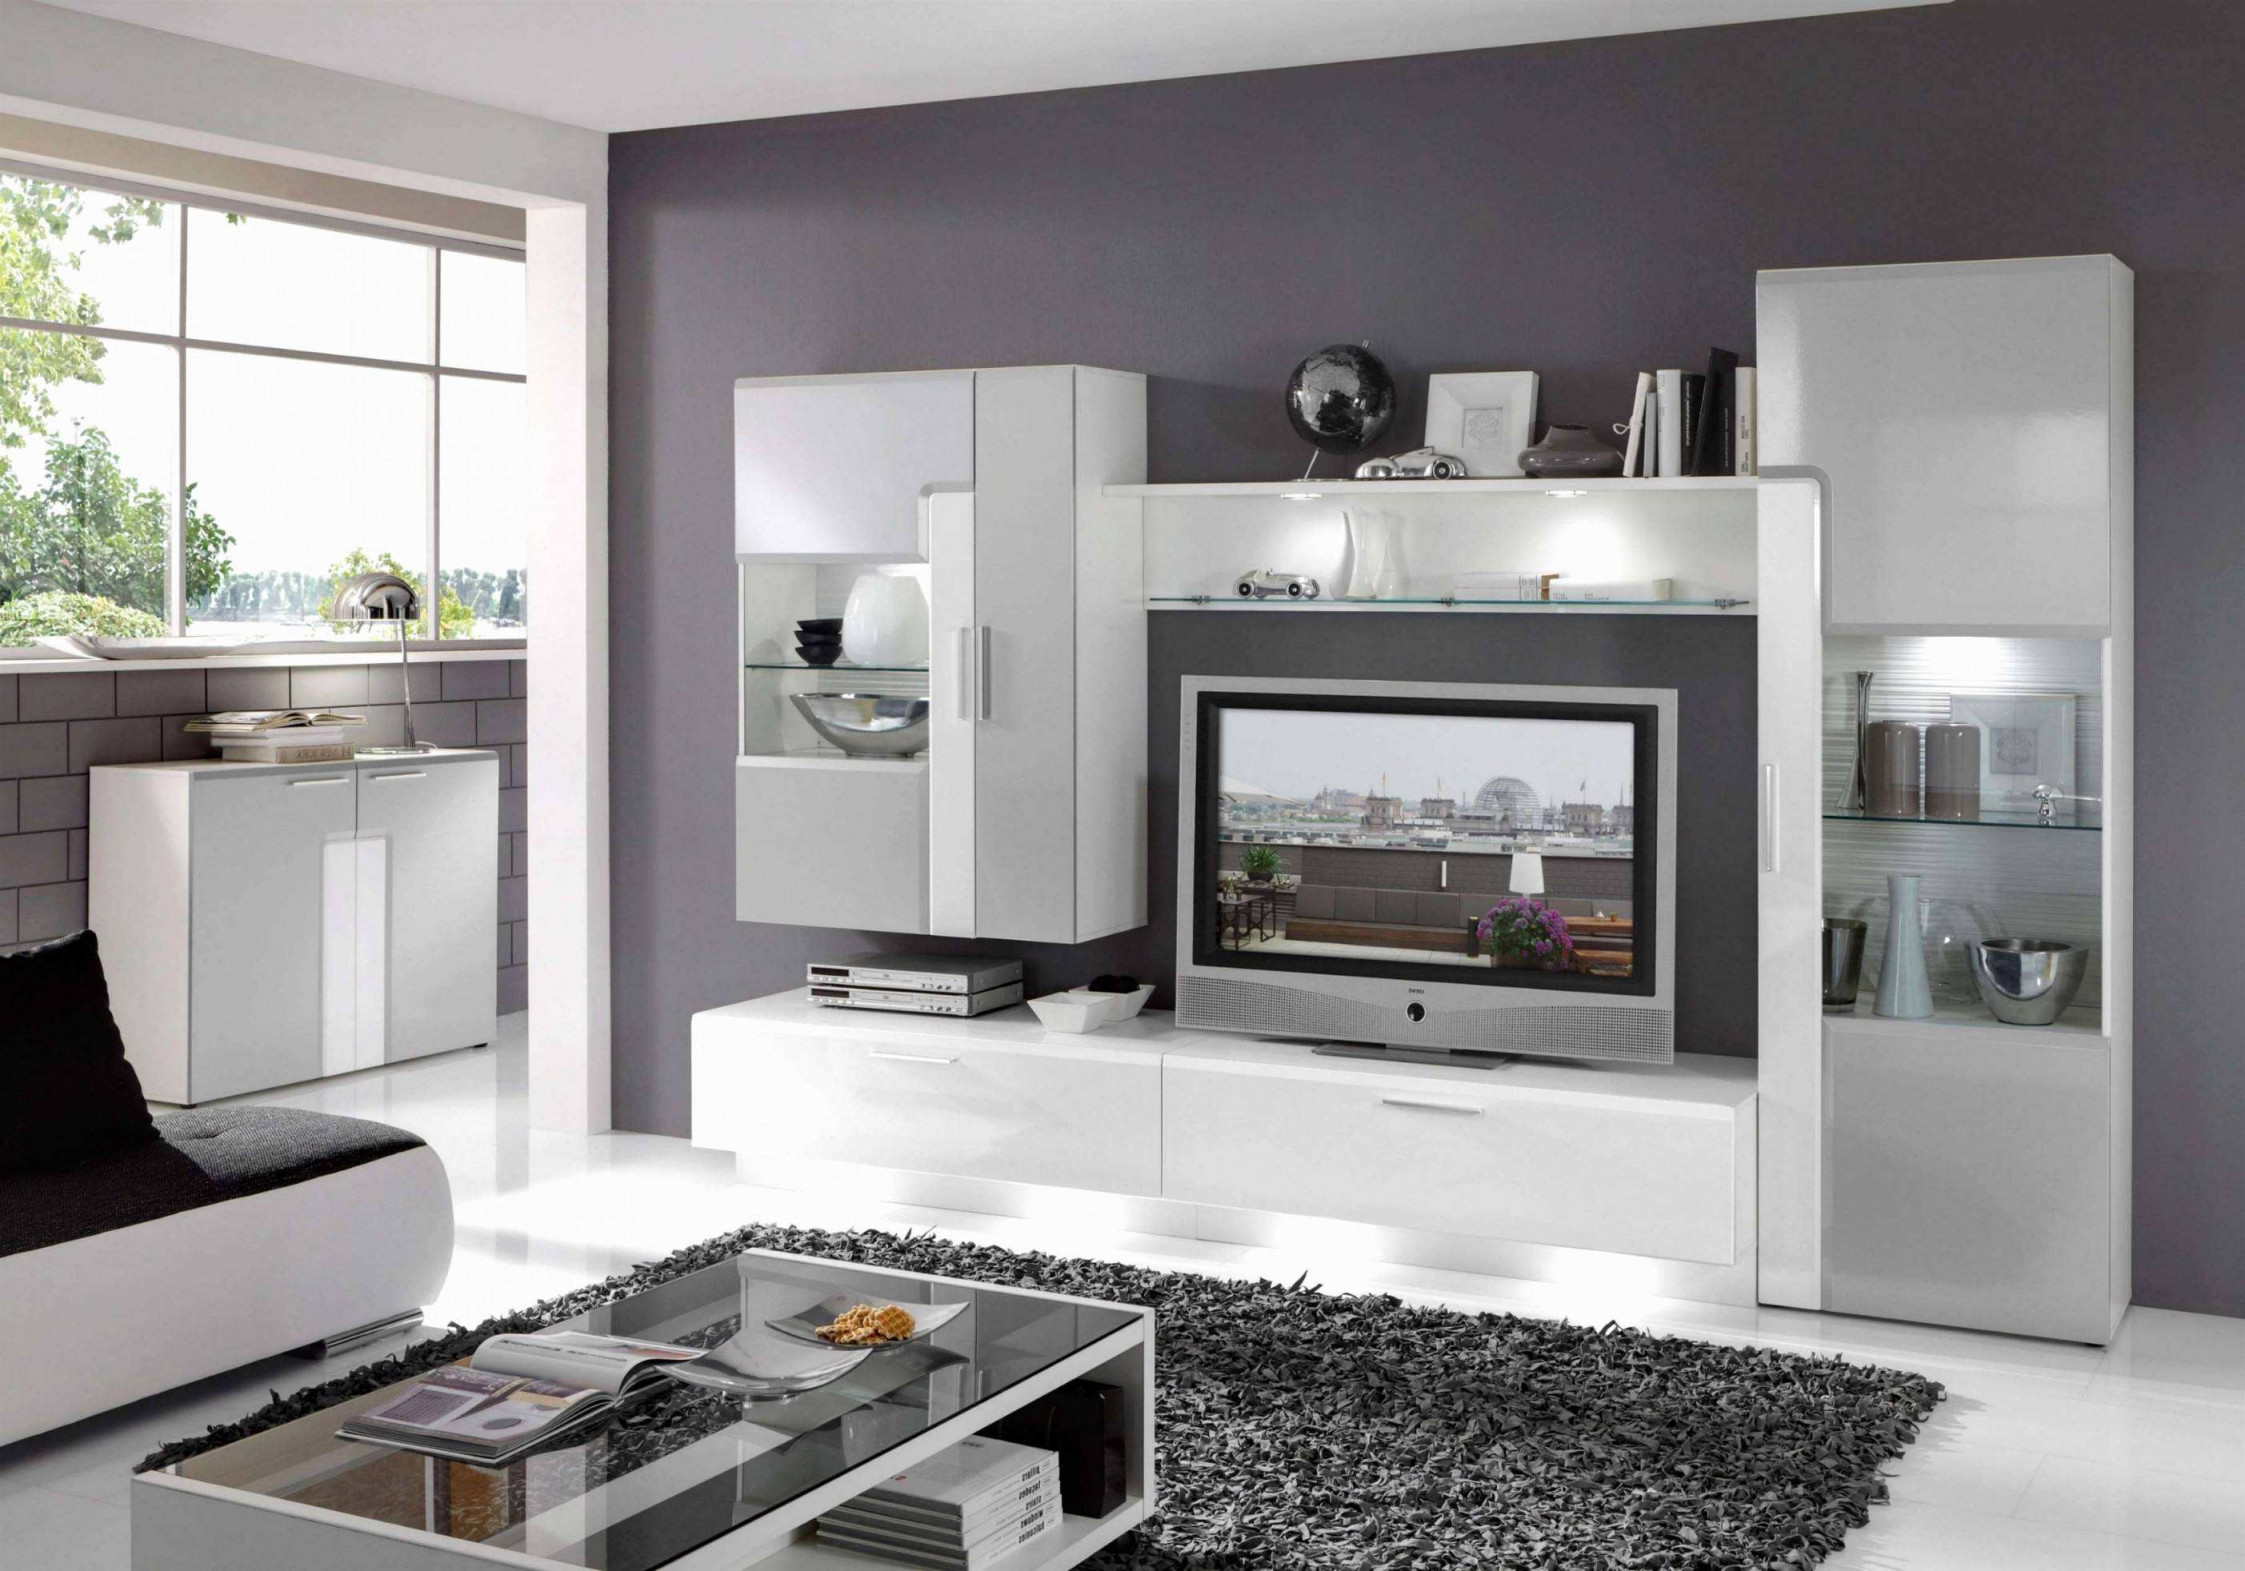 Deko Idee Wohnzimmer Wand – Caseconrad von Deko Ideen Für Wohnzimmer Wand Bild